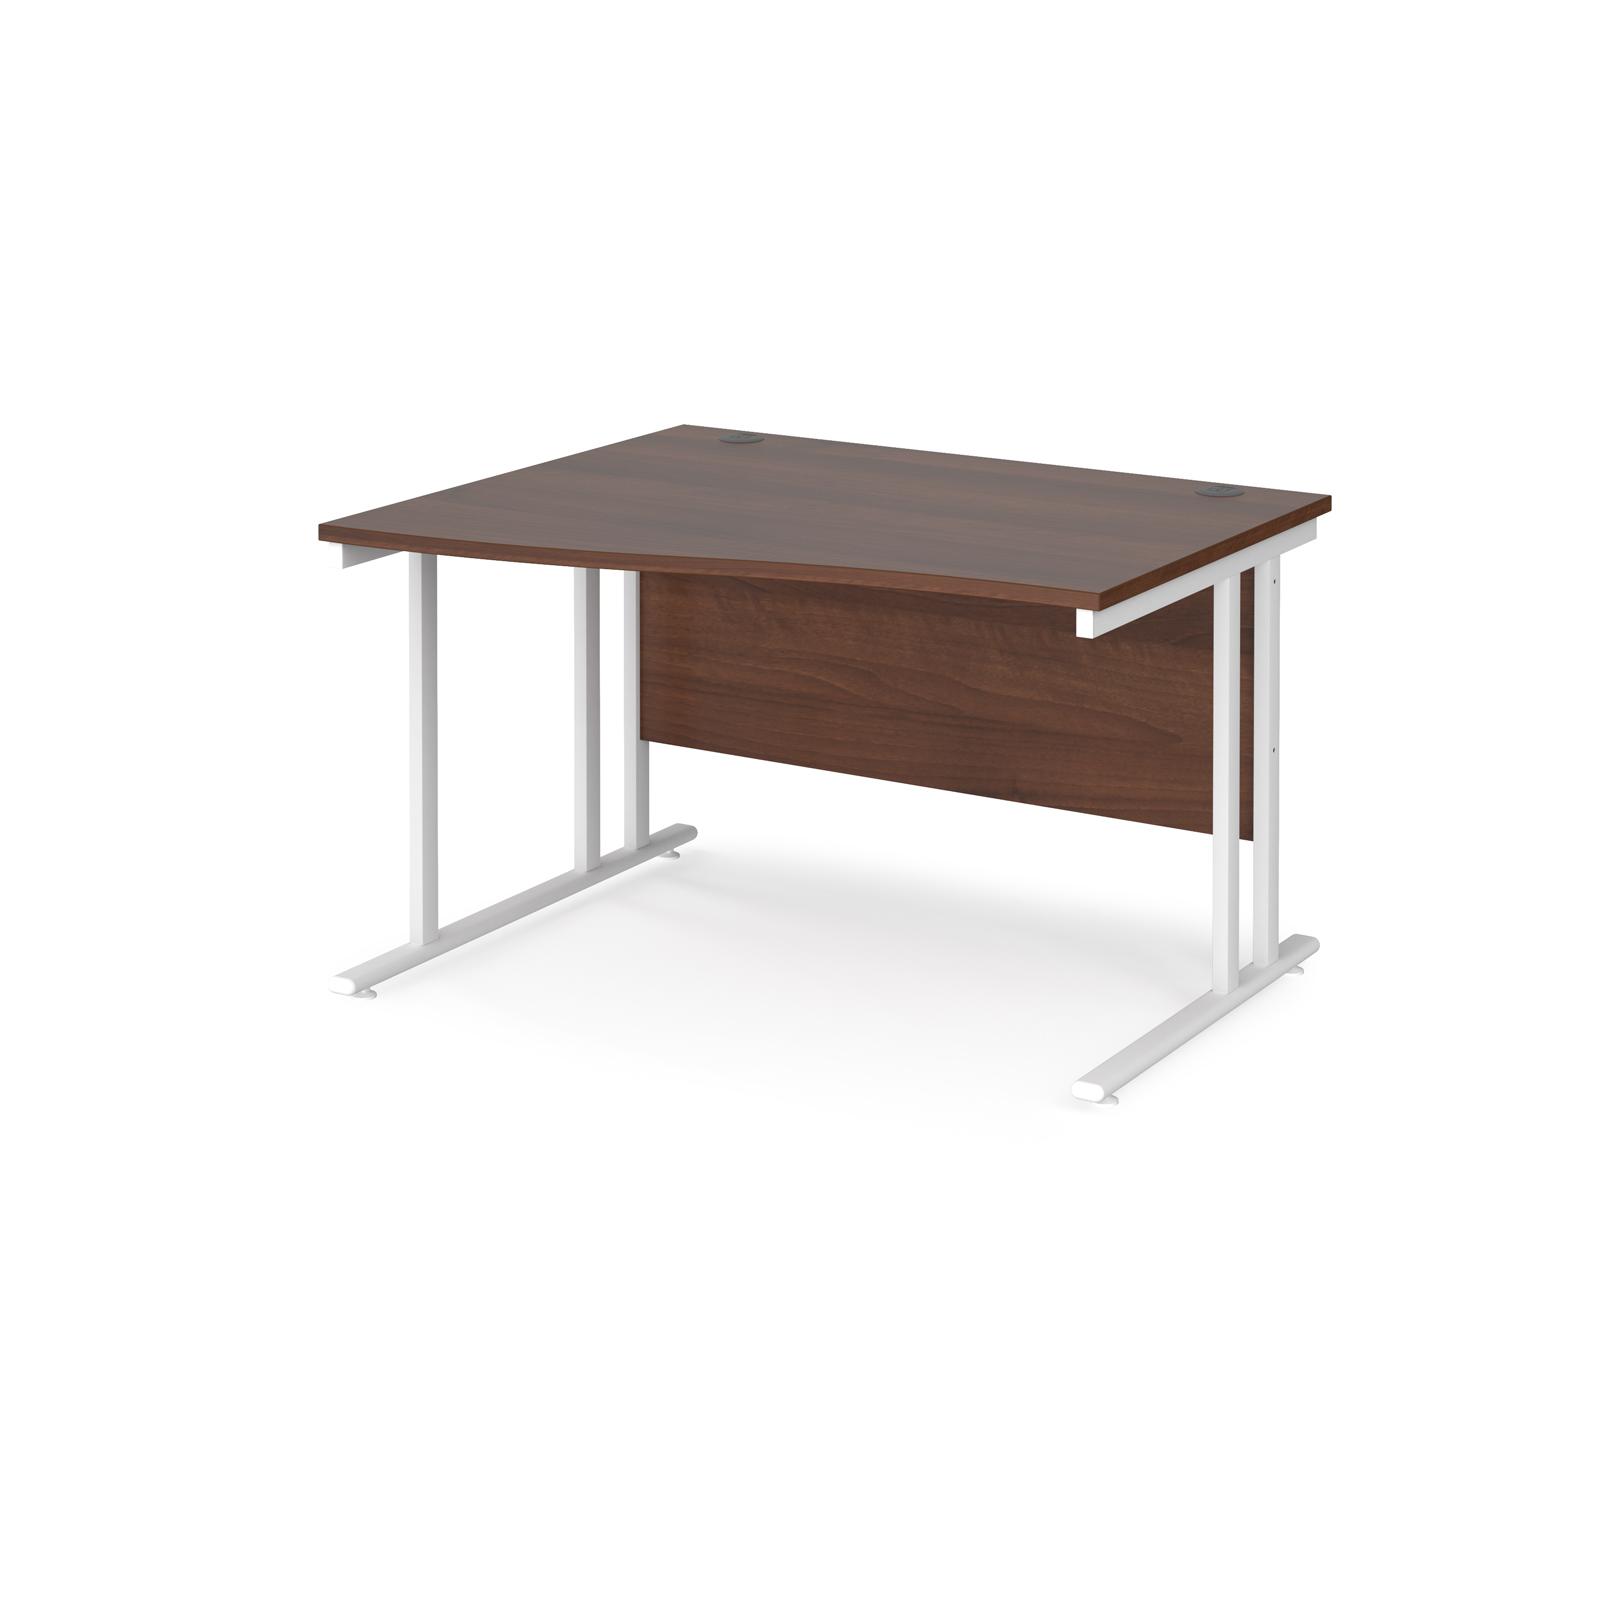 Left Handed Maestro 25 left hand wave desk 1200mm wide - white cantilever leg frame, walnut top